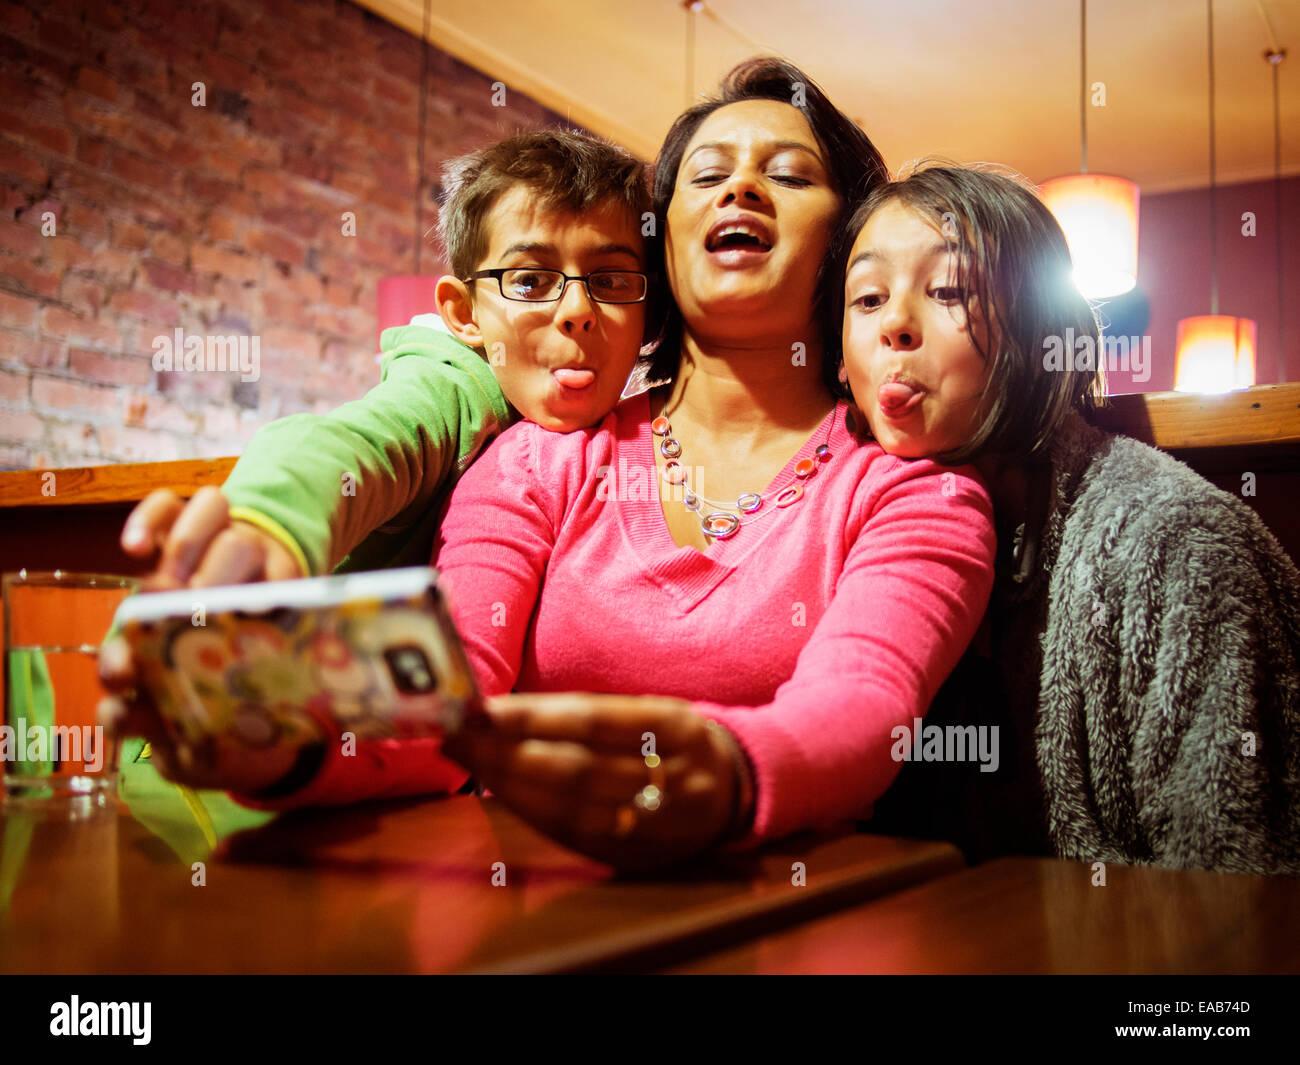 Donna assume selfie sul telefono. Figlia di madre e figlio. Foto Stock